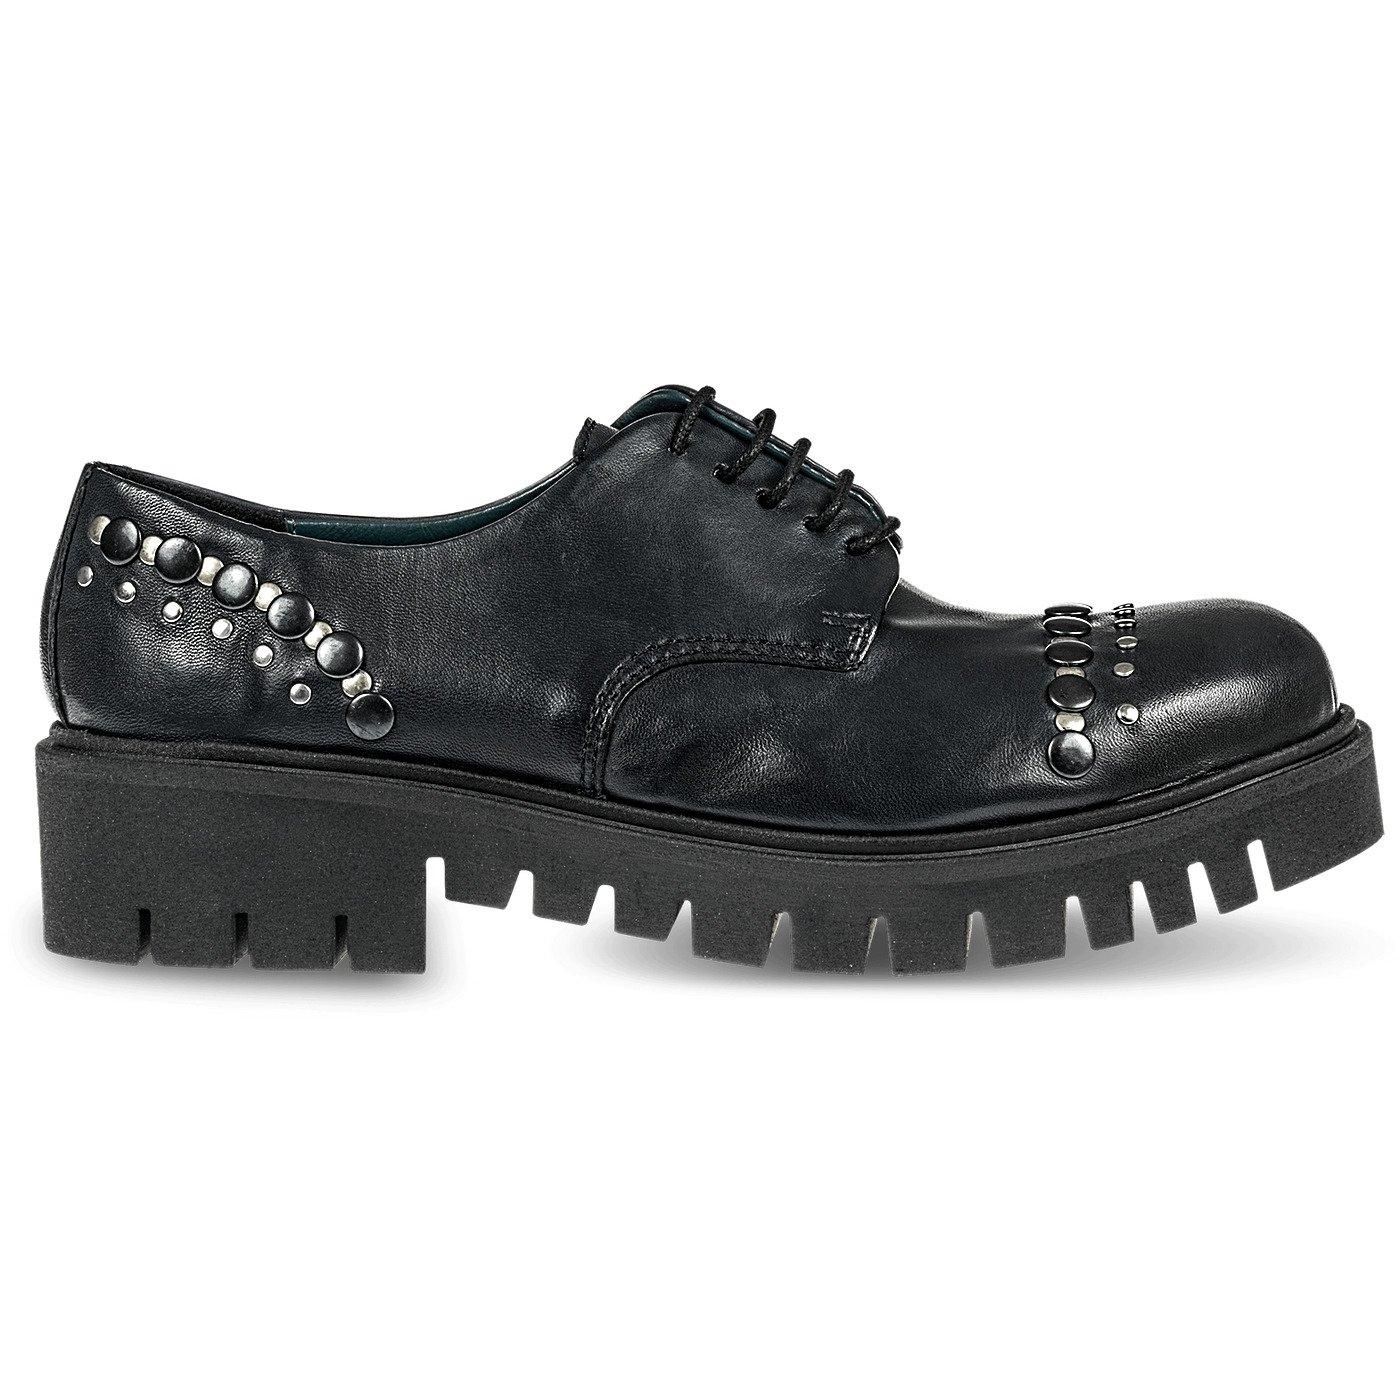 Fabbrica Dei Colli , Chaussures de ville à à pour lacets Dei pour femme Noir 649d7af - reprogrammed.space